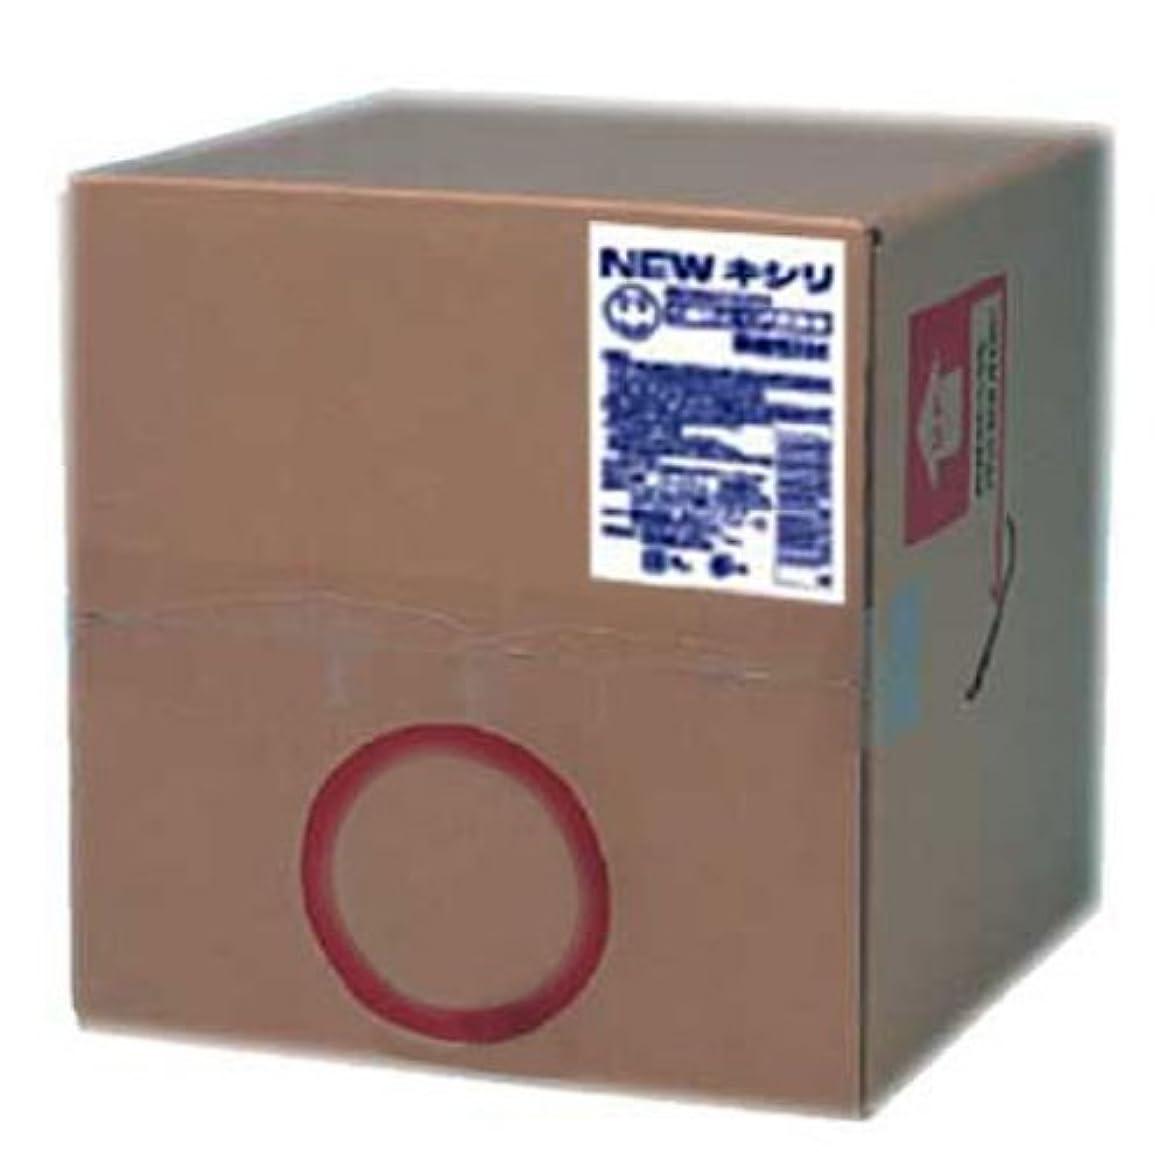 くまジョグ政権フレッシュ水歯磨き キシリ マウスウォッシュ業務用洗口液 20L 25倍濃縮お得タイプ